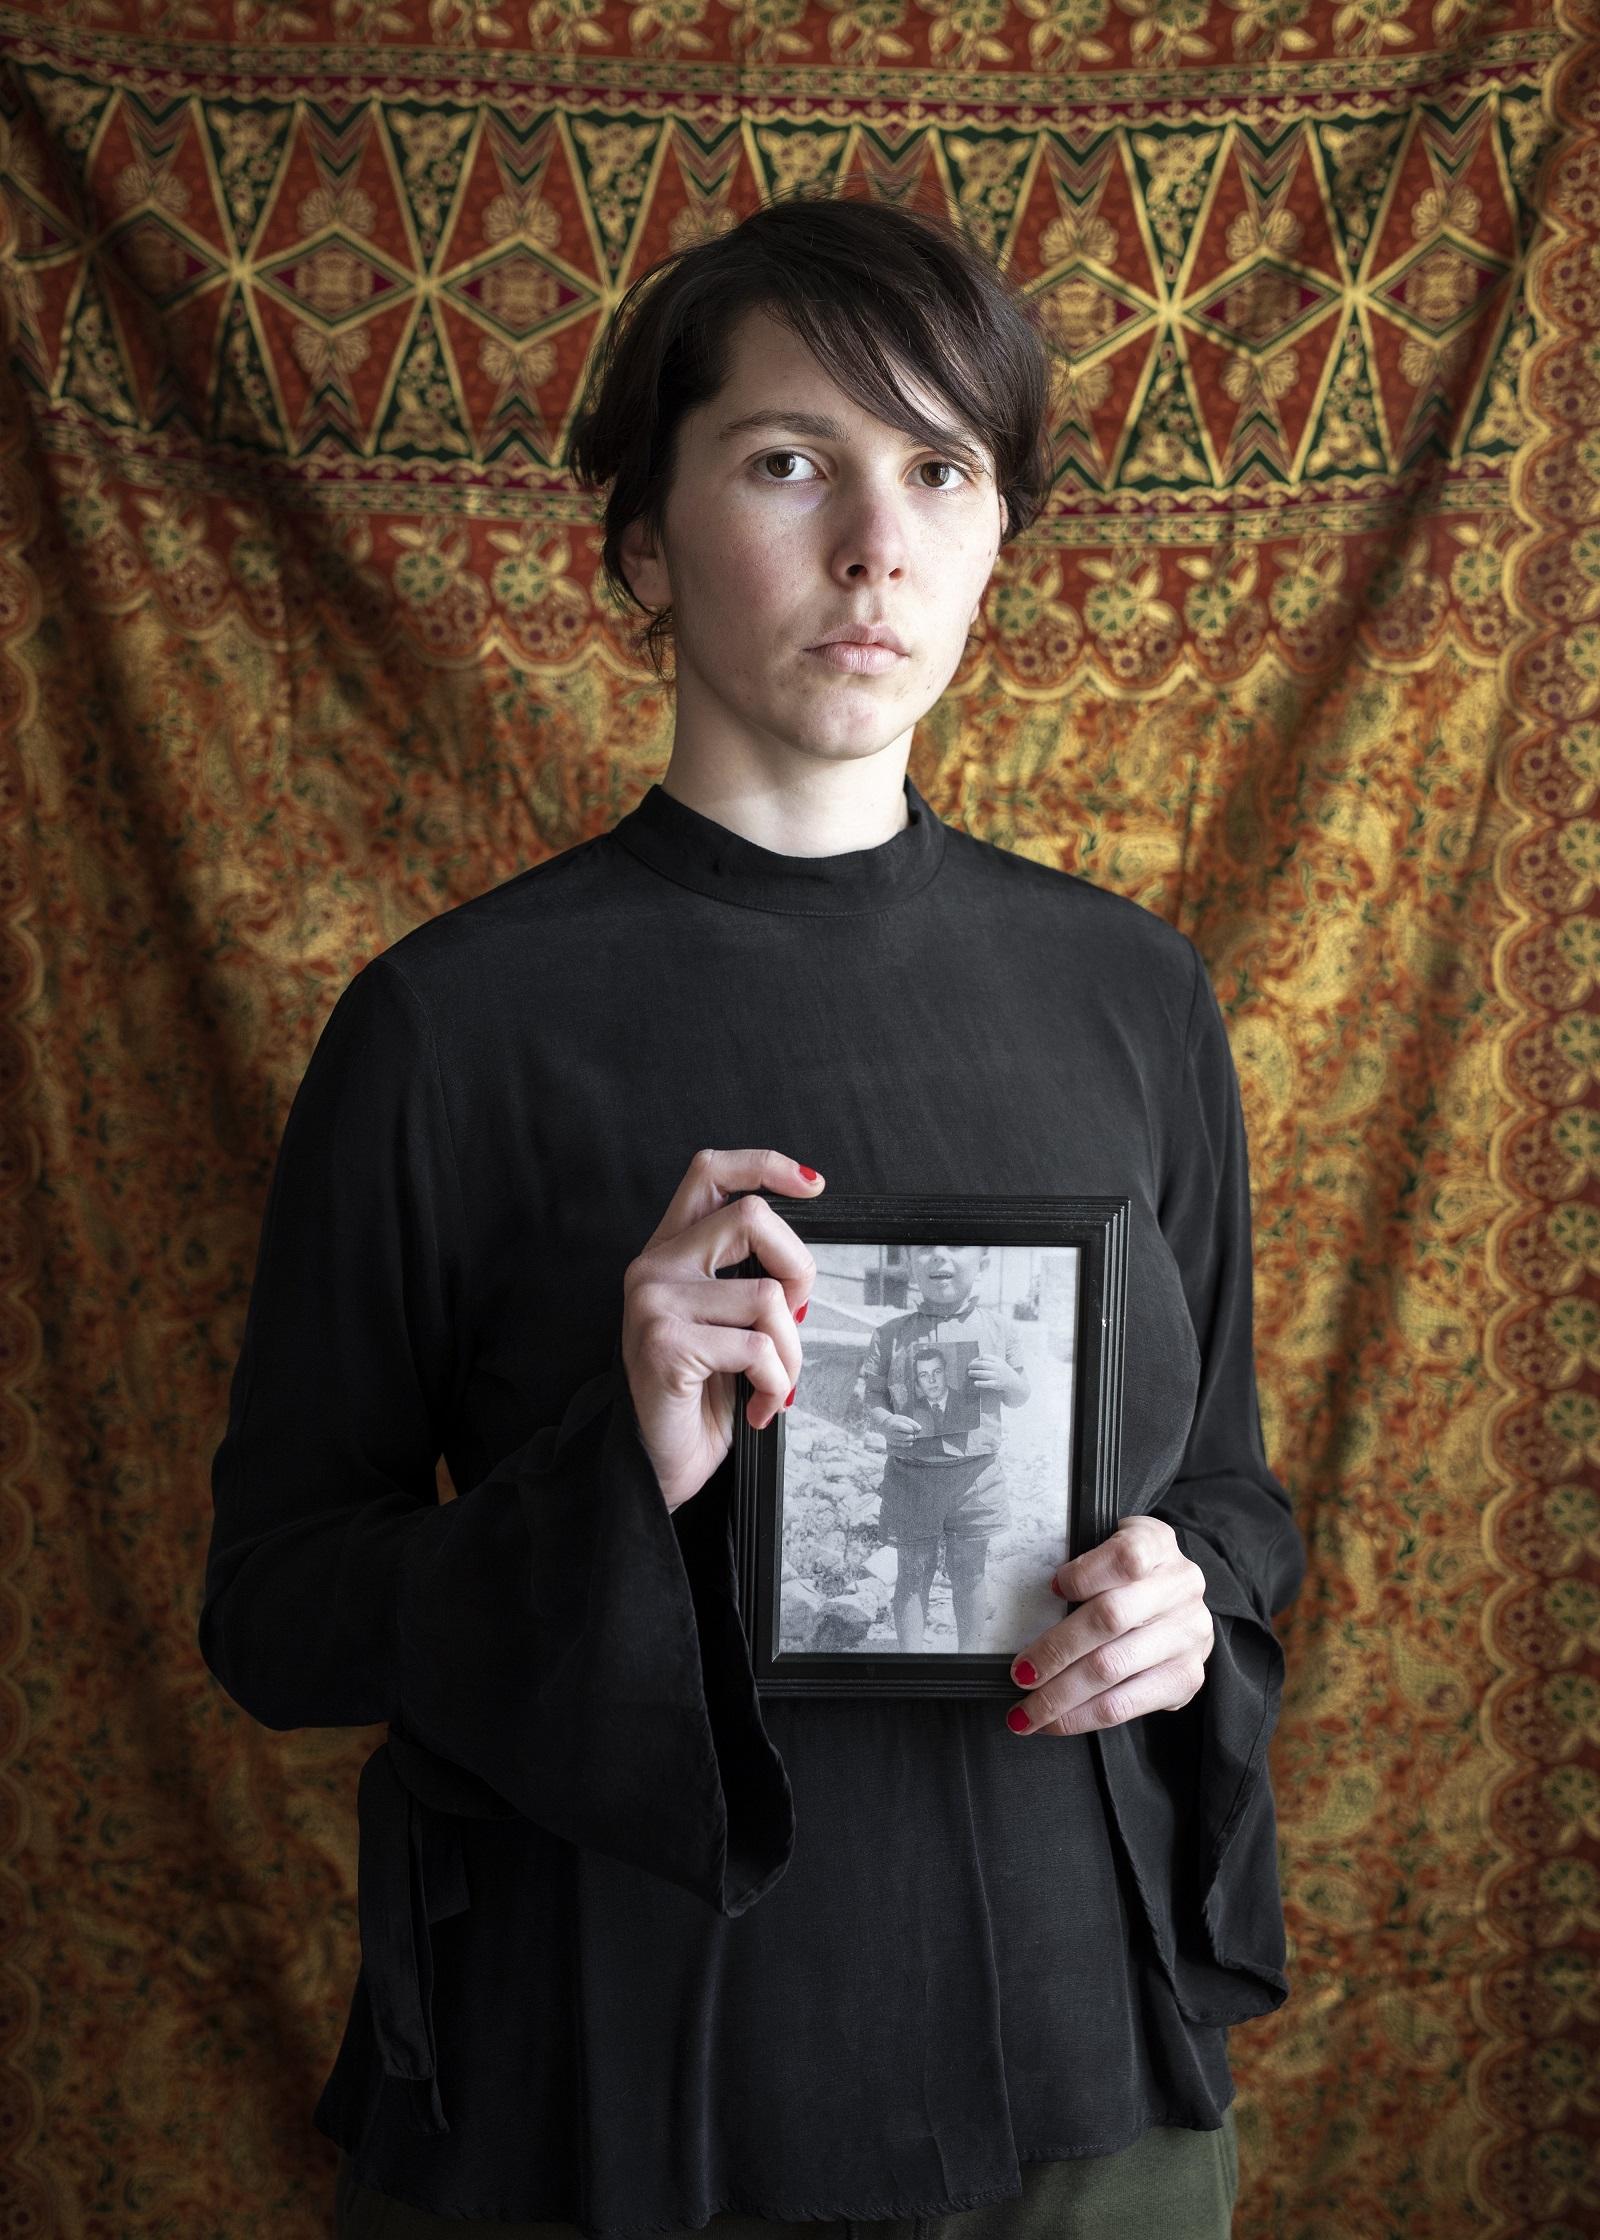 Glorija Lizde: Apám fényképét tartom, aki az apja fényképét tartja (Fearless Youth [Vakmerő ifjúság] című sorozat), 2021 © Glorija Lizde